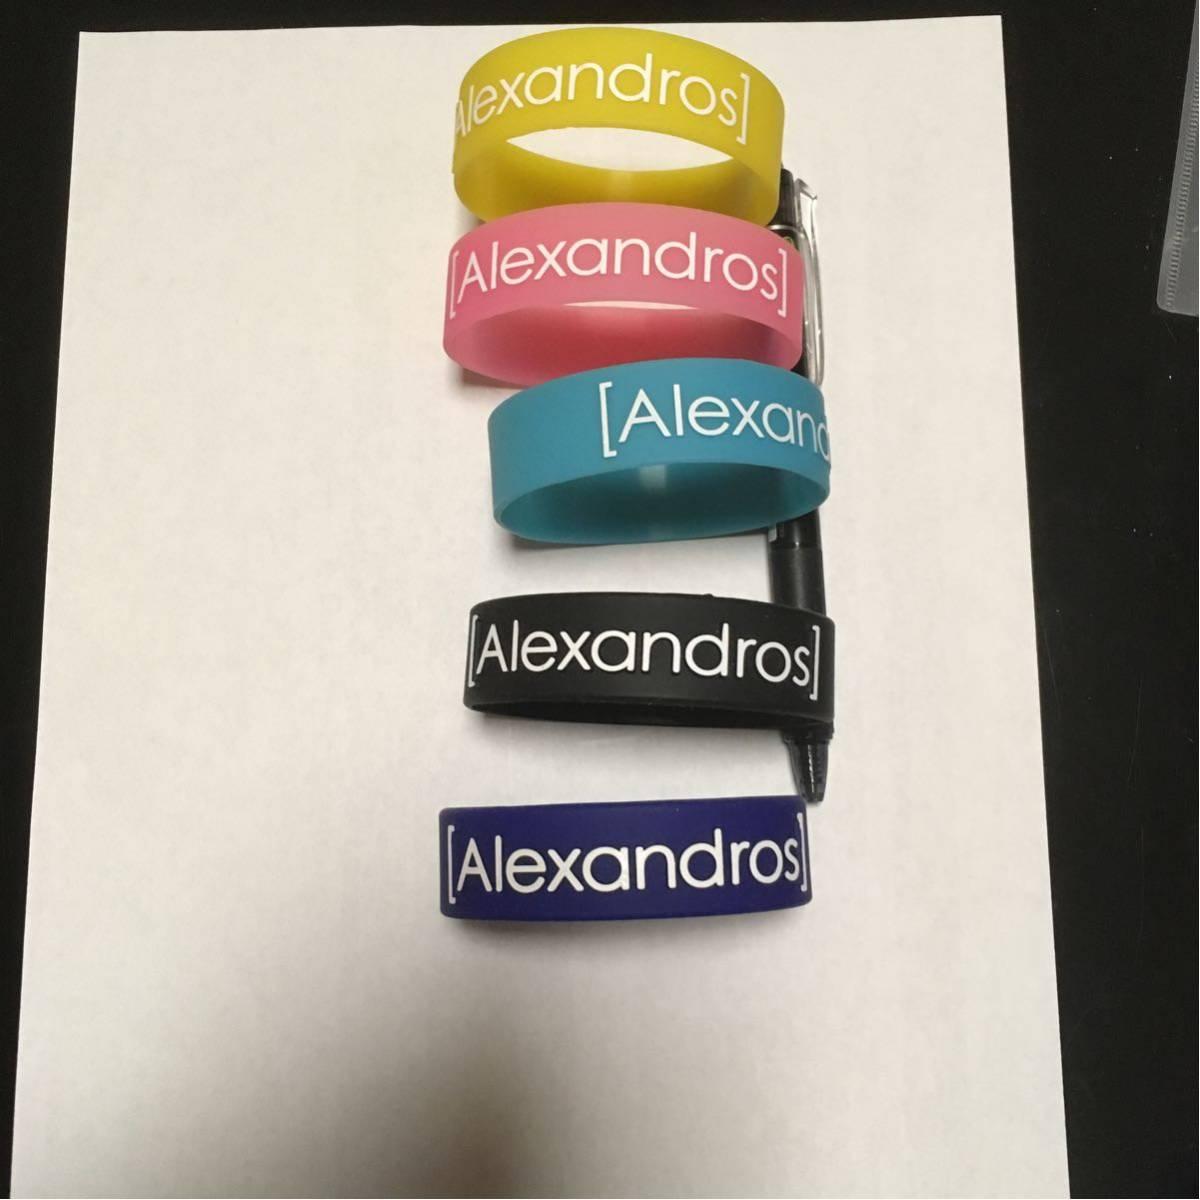 アレキサンドロス ラバーバンド 使用品5点セット